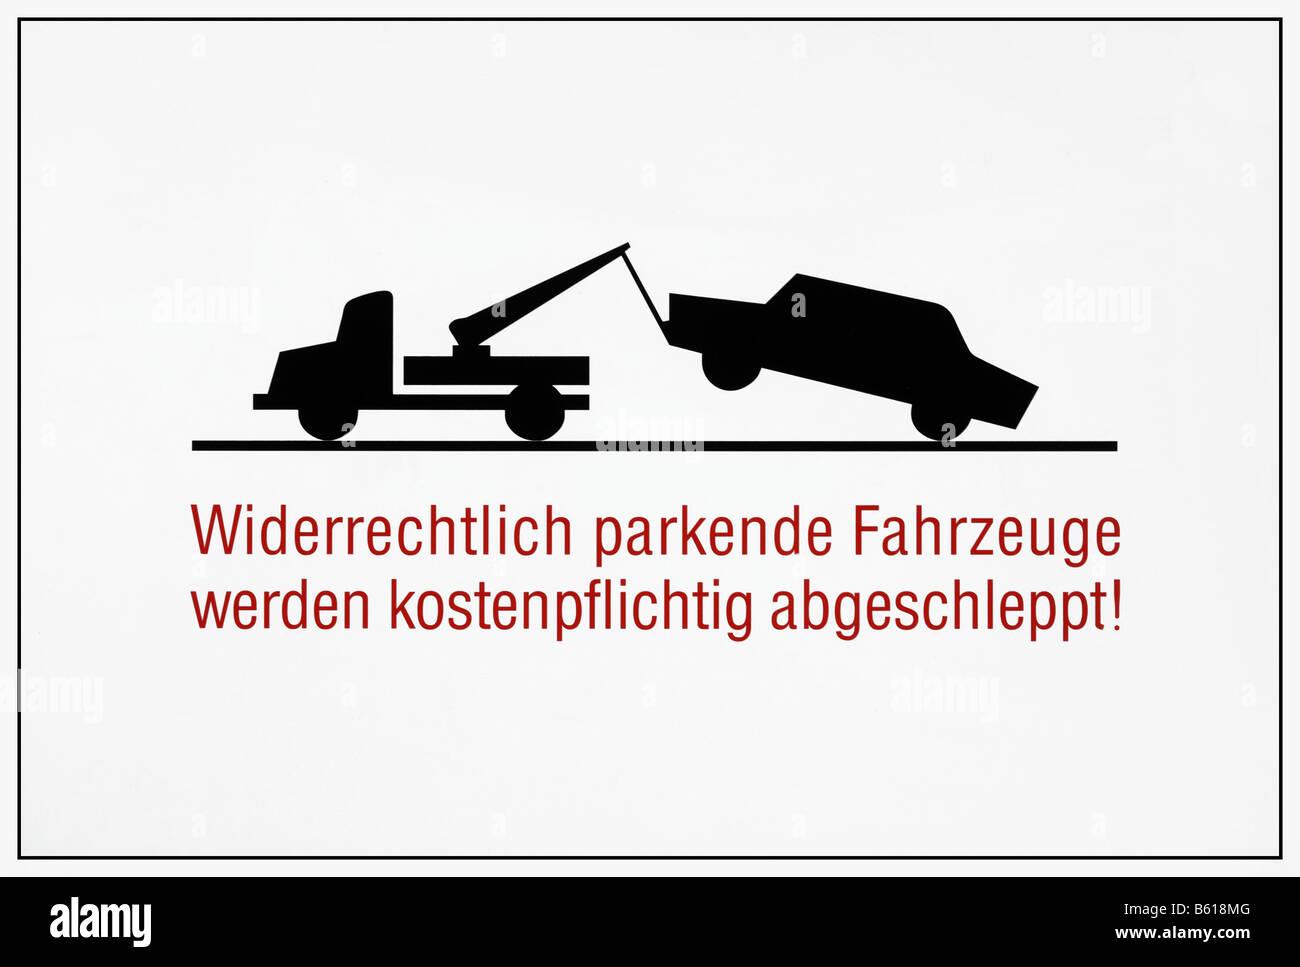 Sign for a tow-zone, Widerrechtlich parkende Fahrzeuge werden kostenpflichtig abgeschleppt, illegally parked cars - Stock Image